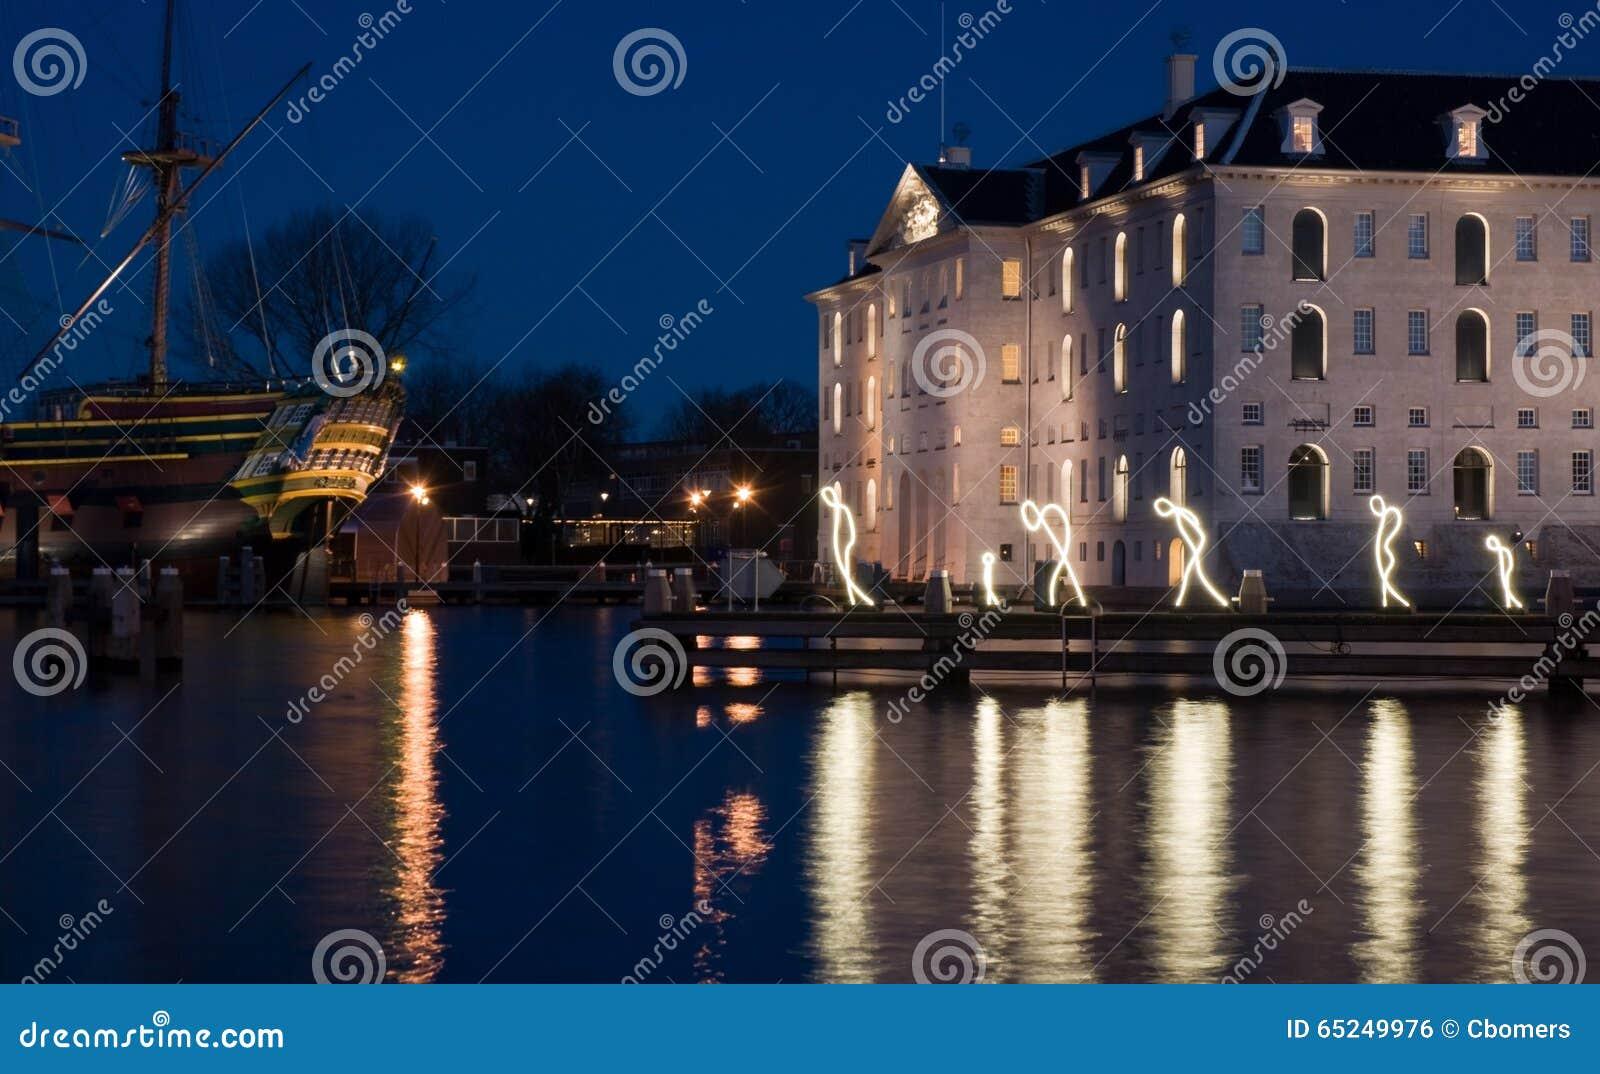 Licht Tour Amsterdam : Amsterdam licht festival redaktionelles foto bild von